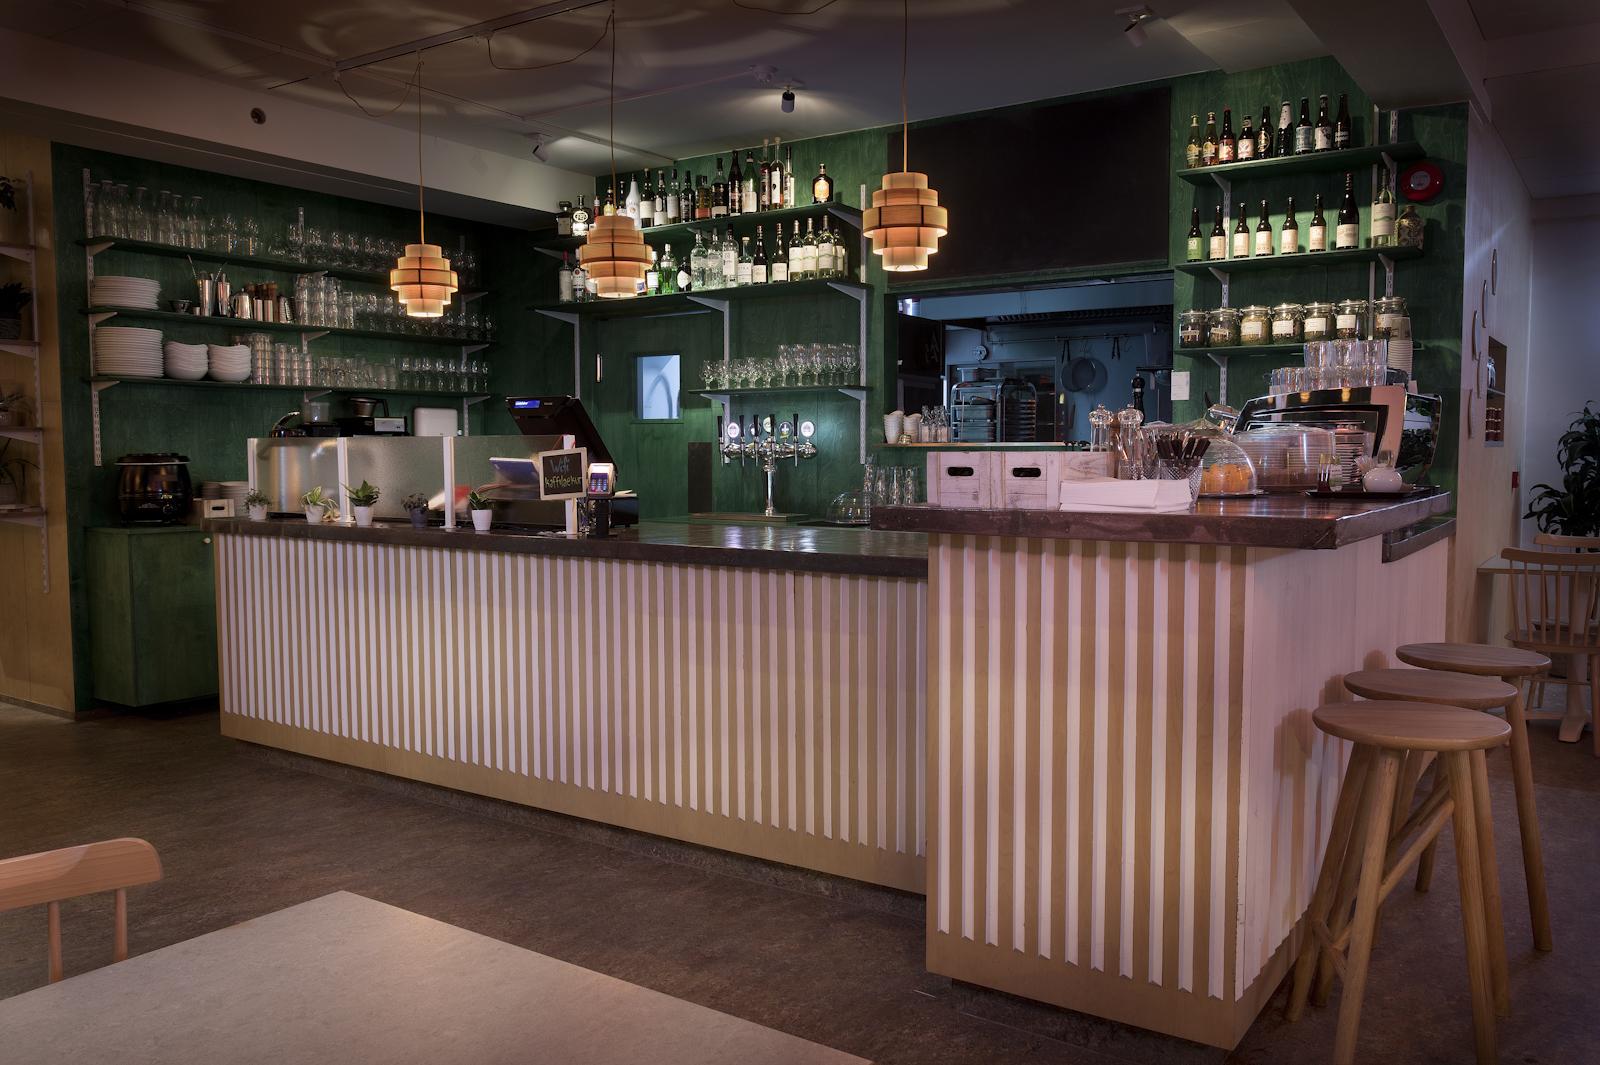 Kaffi Laugalækur - Opið alla daga kl. 9-23. Eldhúsið opið 11:30-21. Dögurður um helgar 11-15. Gleðistund á barnum alla daga kl. 16-19 & 22-23. Heimilisfang: Laugarnesvegur 74a, 105 RvkGastro pub is open daily 9am-11pm. Kitchen is open 11.30am-9pm. Brunch on weekends 11am-3pm. Happy hours daily 4pm-7pm & 10pm-11pm. Address: Laugarnesvegur 74a, 105 Reykjavík